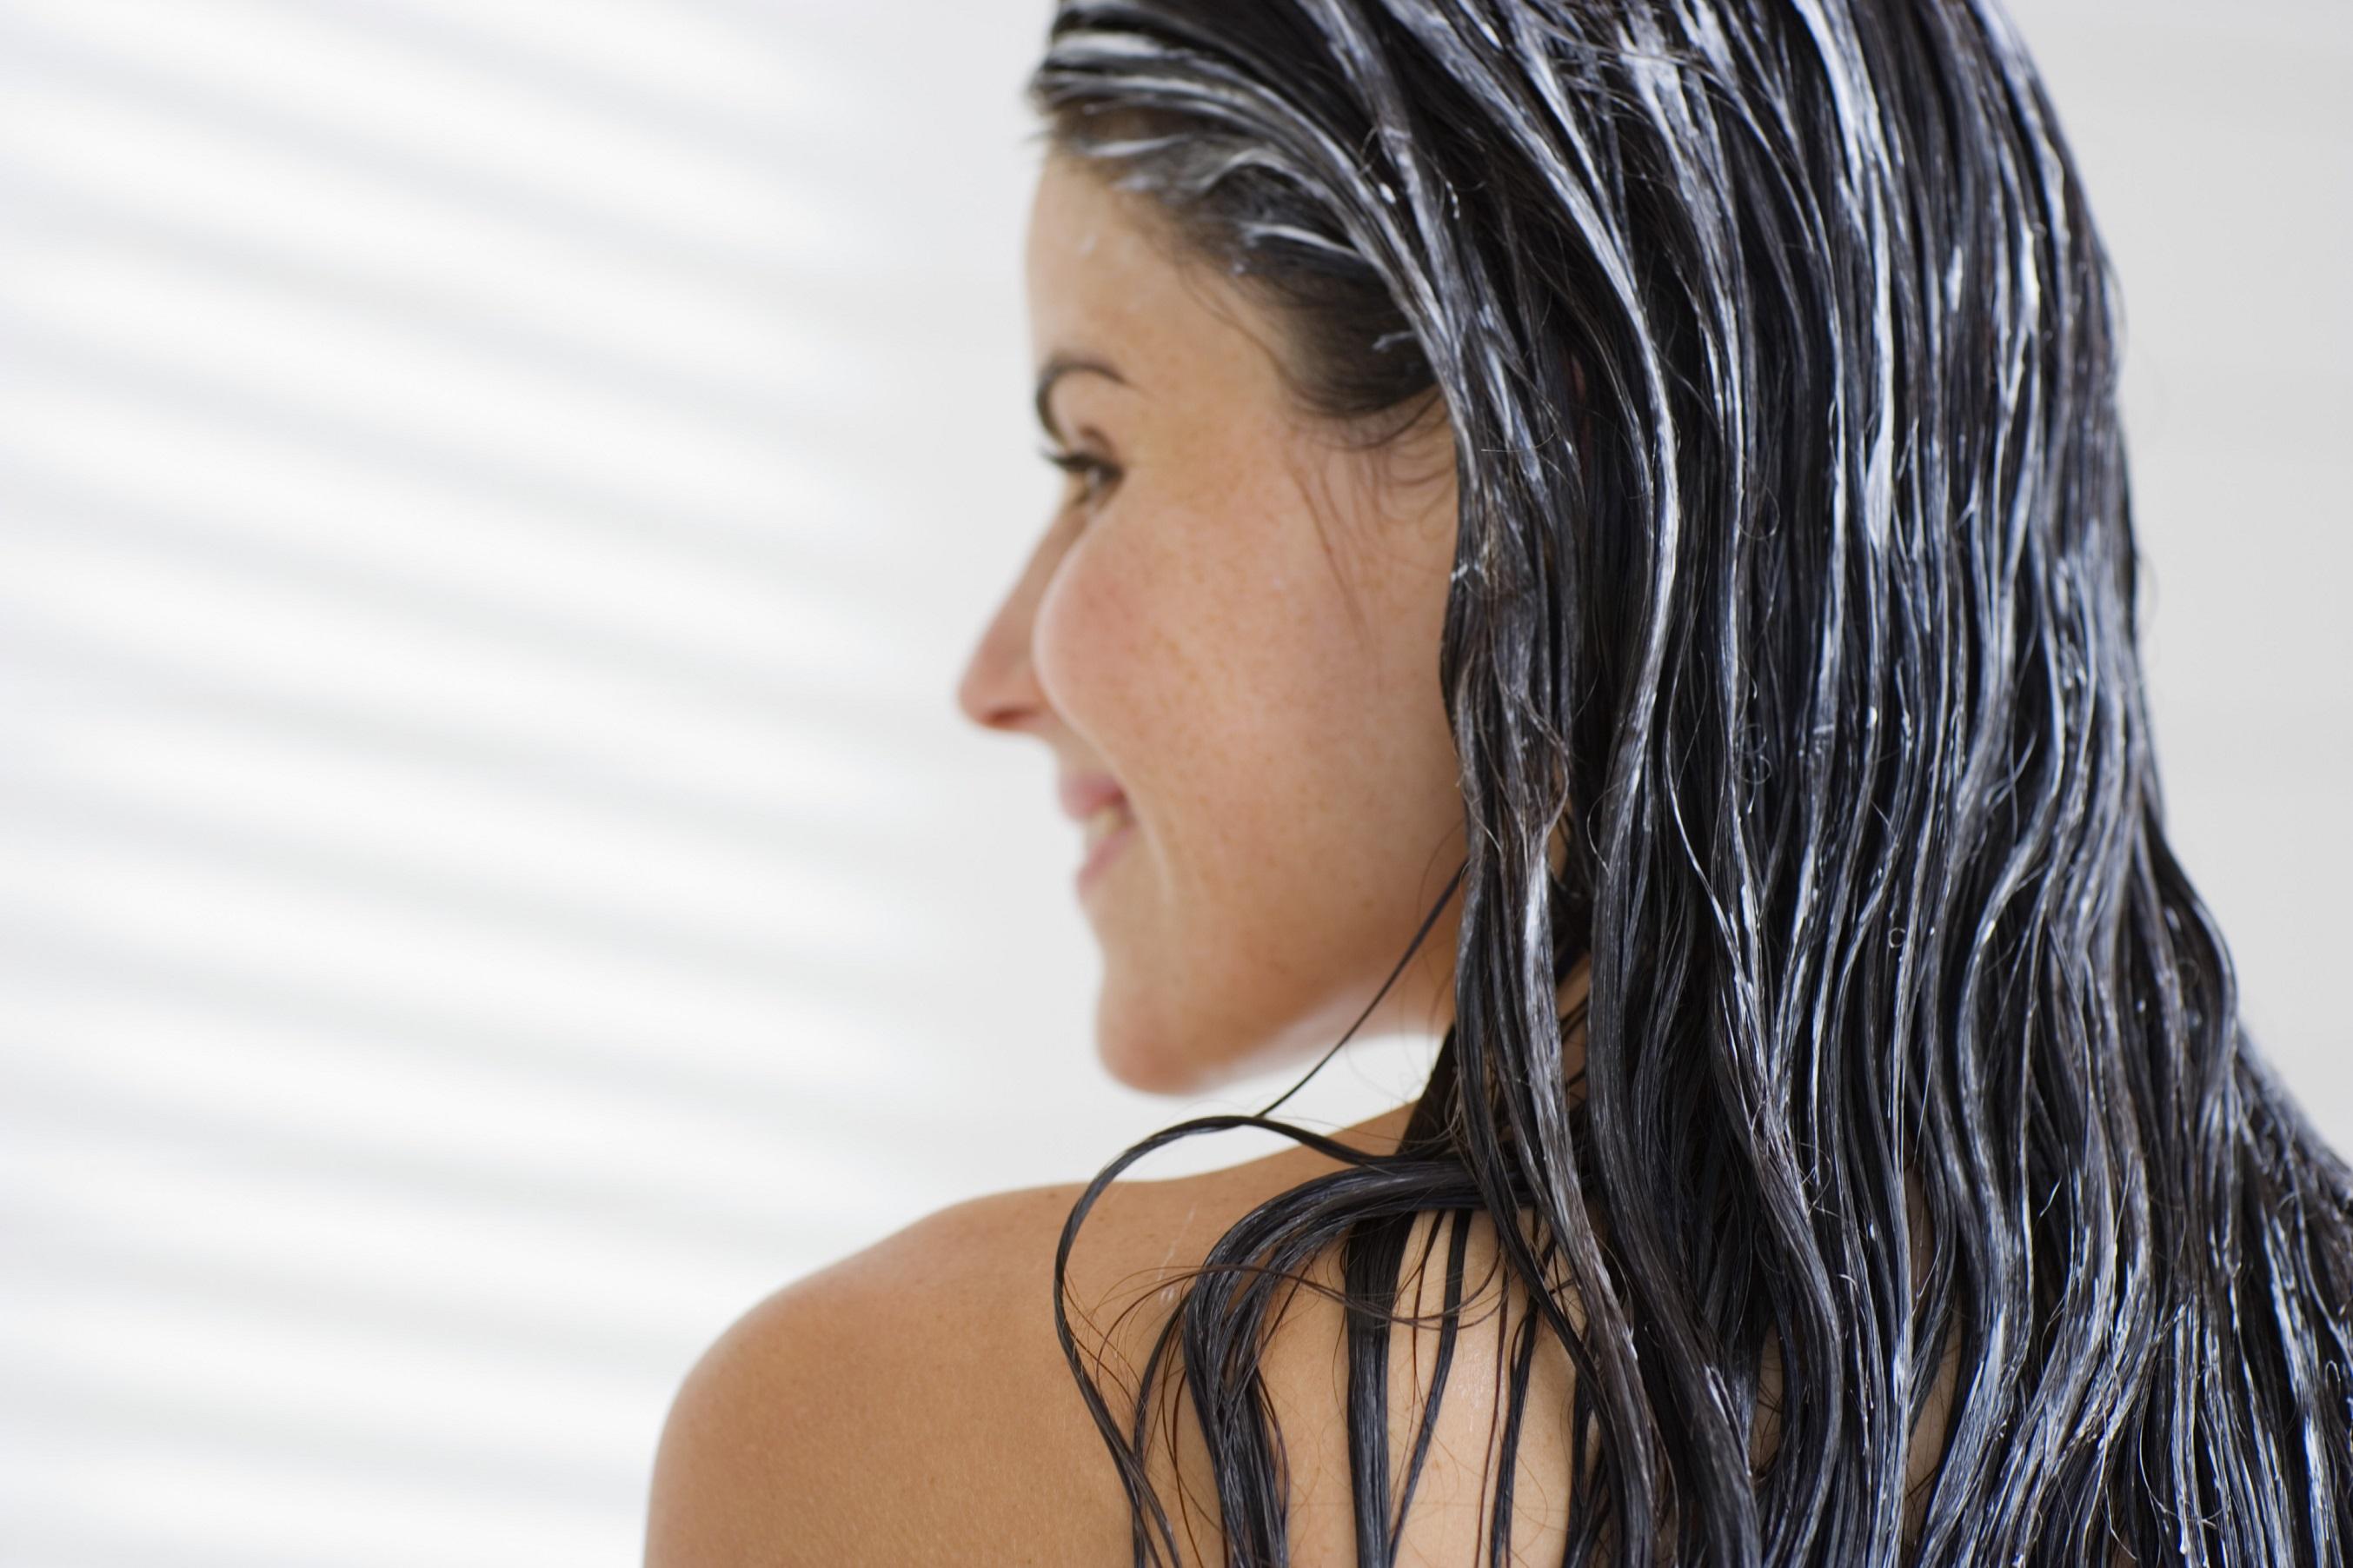 Увлажнение волос в домашних условиях: маски и средства для 76